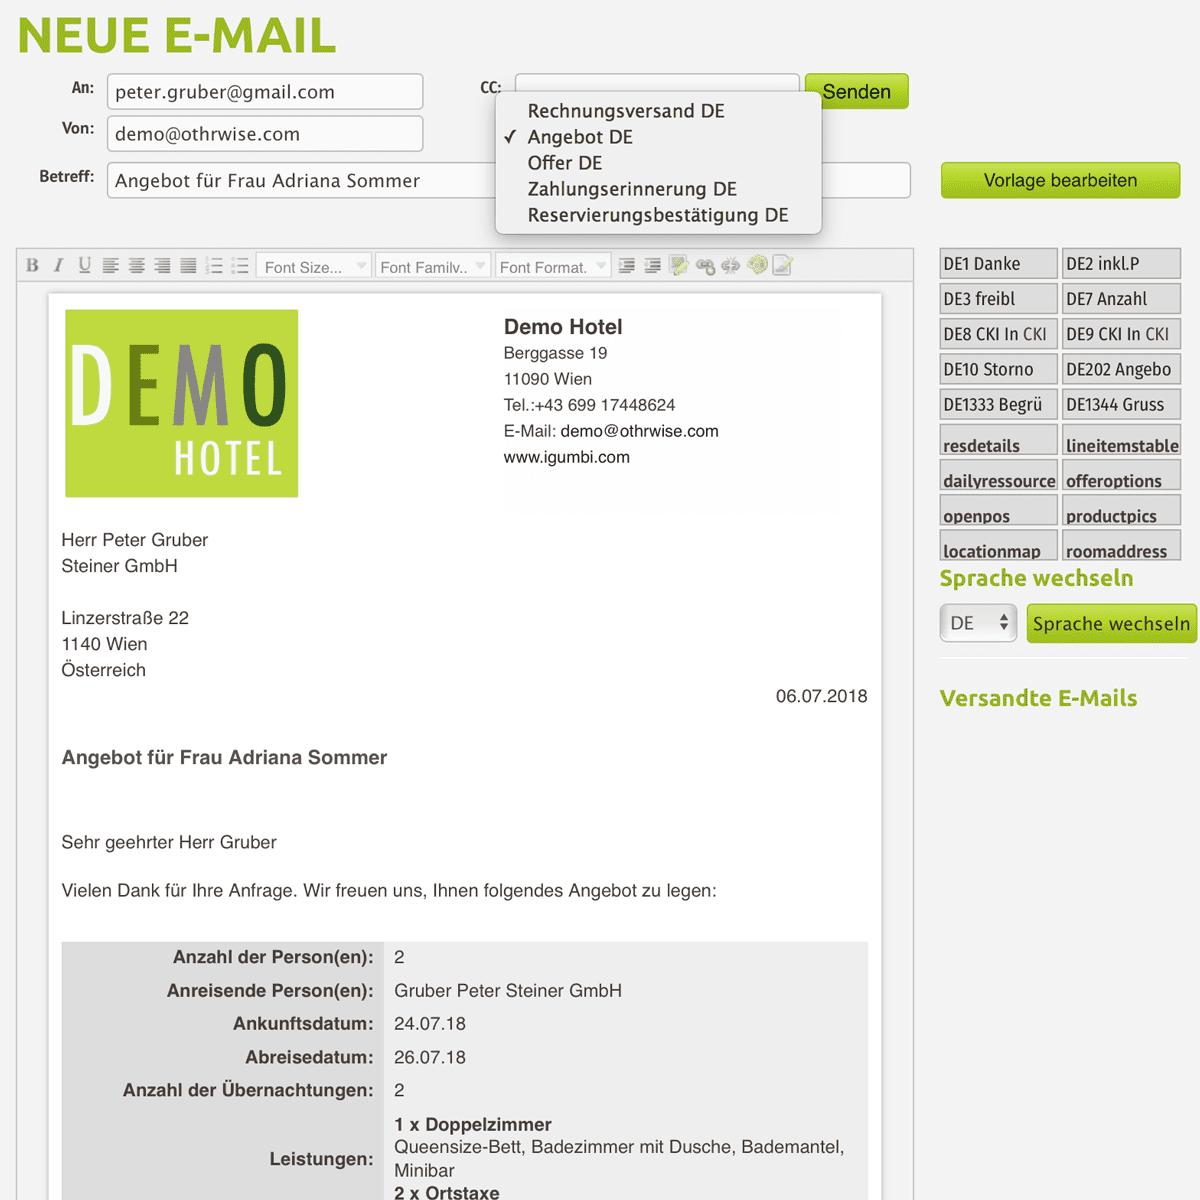 Das Hotel E-Mail Vorlagen mit Textbausteinen zum schnellen und einfachen Versand Ihrer Angebote, Reservierungsbestätigung und für den Rechnungsversand. Schöne HTML E-Mails ohne copy-paste Akrobatik